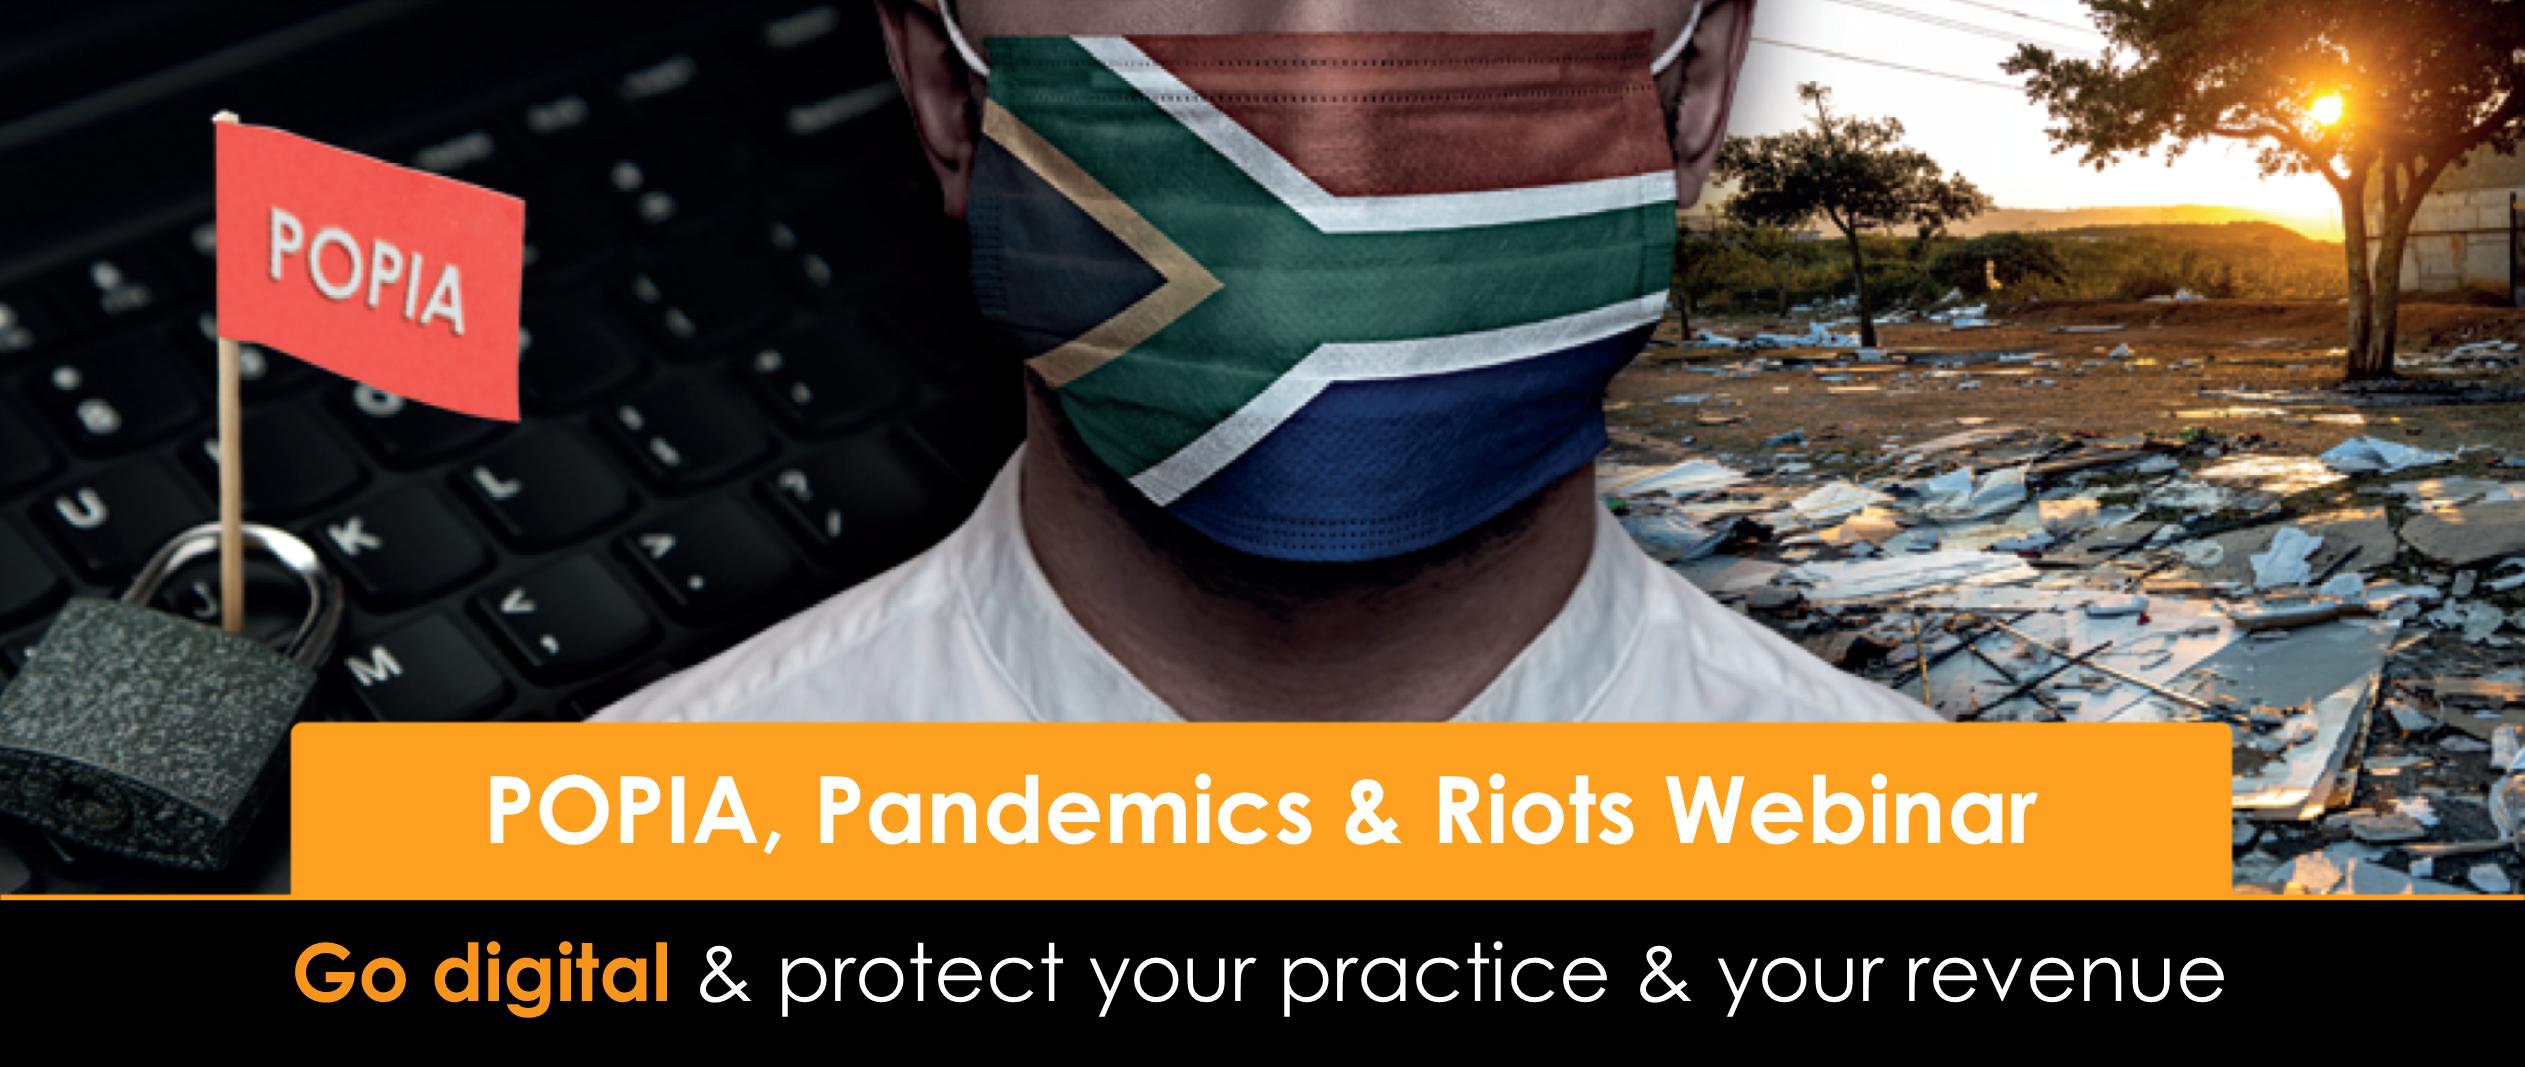 POPIA, Pandemics & Riots – Go digital & protect your practice & your revenue